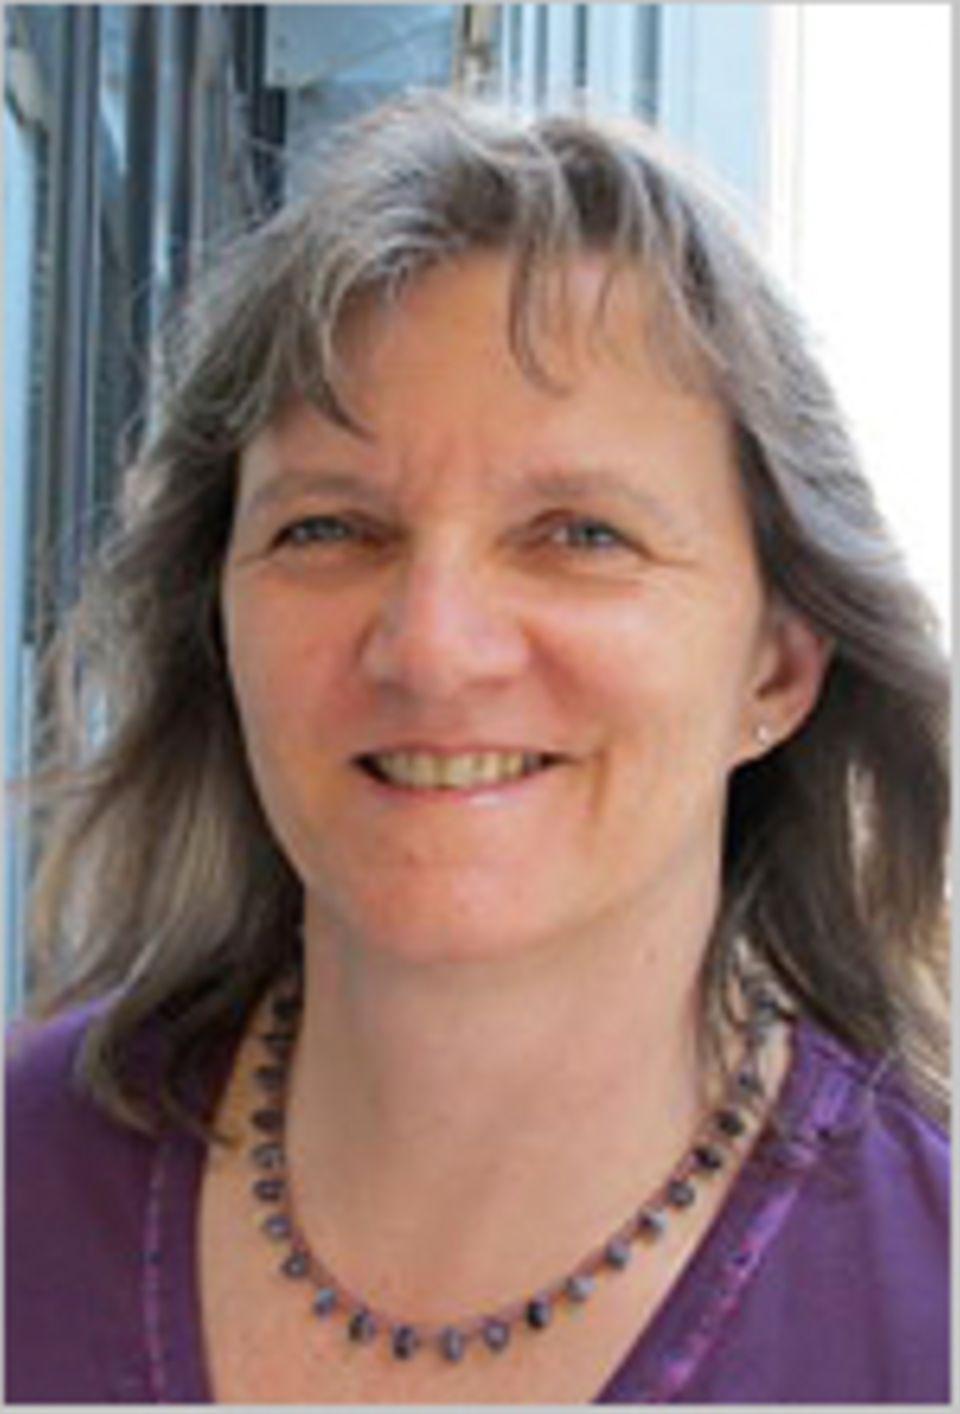 Klimareport: Prof. Dr. Daniela Jacob leitet beim Hamburger Climate Service Center (CSC) die Abteilung Klimasystem. Seit 2010 gehört sie zu den Hauptautoren des 5. IPCC-Sachstandsberichts